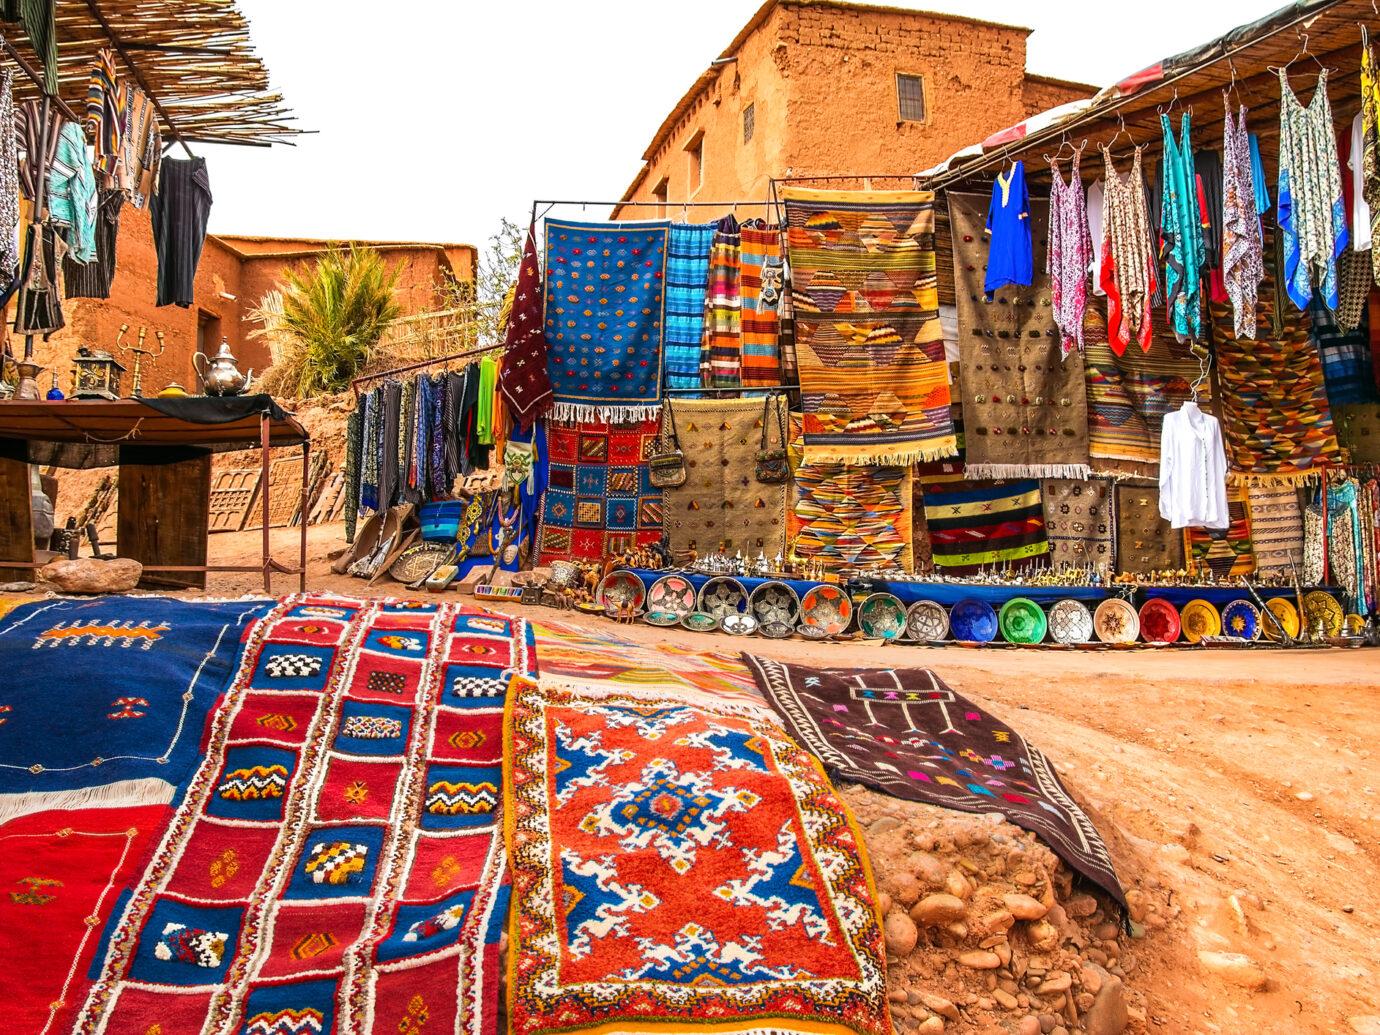 Souvenir shop in the open air in Kasbah Ait Ben Haddou near Ouarzazate in the Atlas Mountains of Morocco.